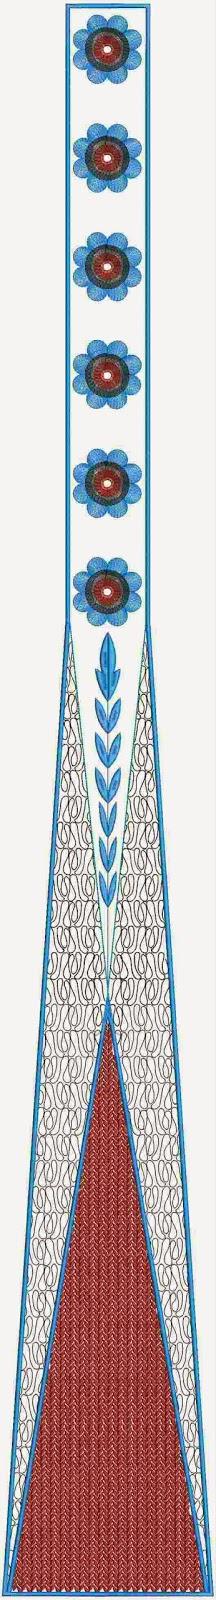 Paasfees borduurwerk ontwerpe van kali appliekwerk